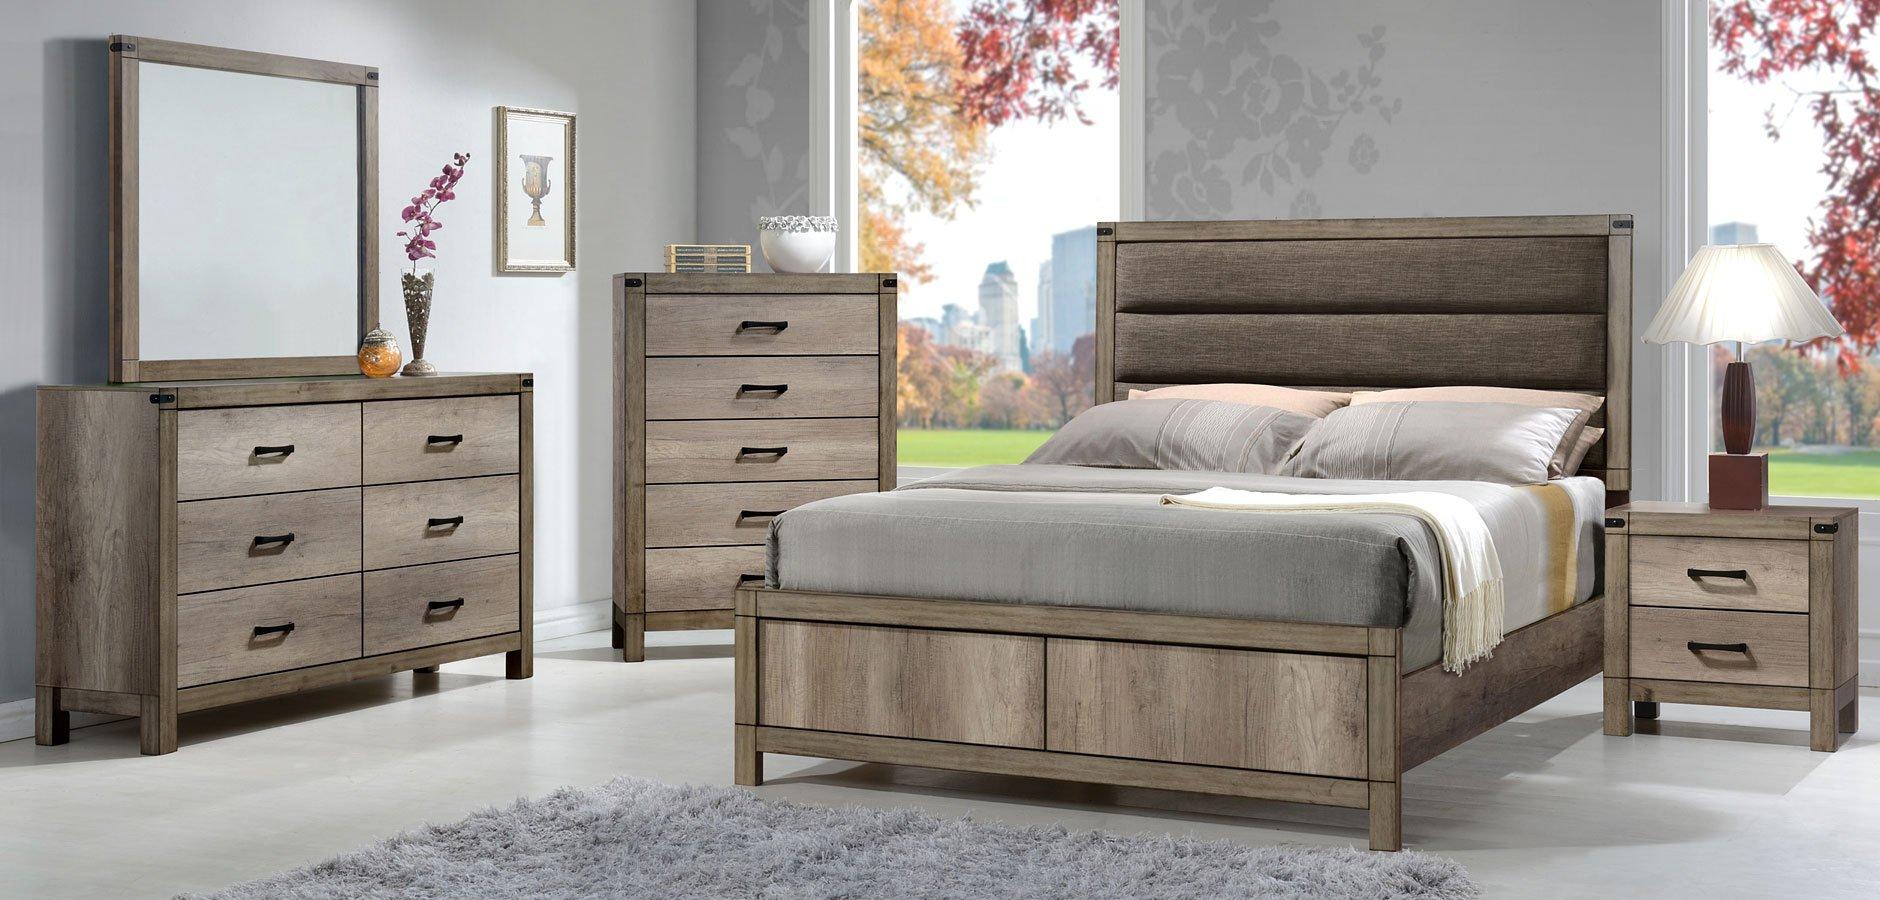 Matteo panel bedroom set bedroom sets bedroom for Bedroom furniture sets b q